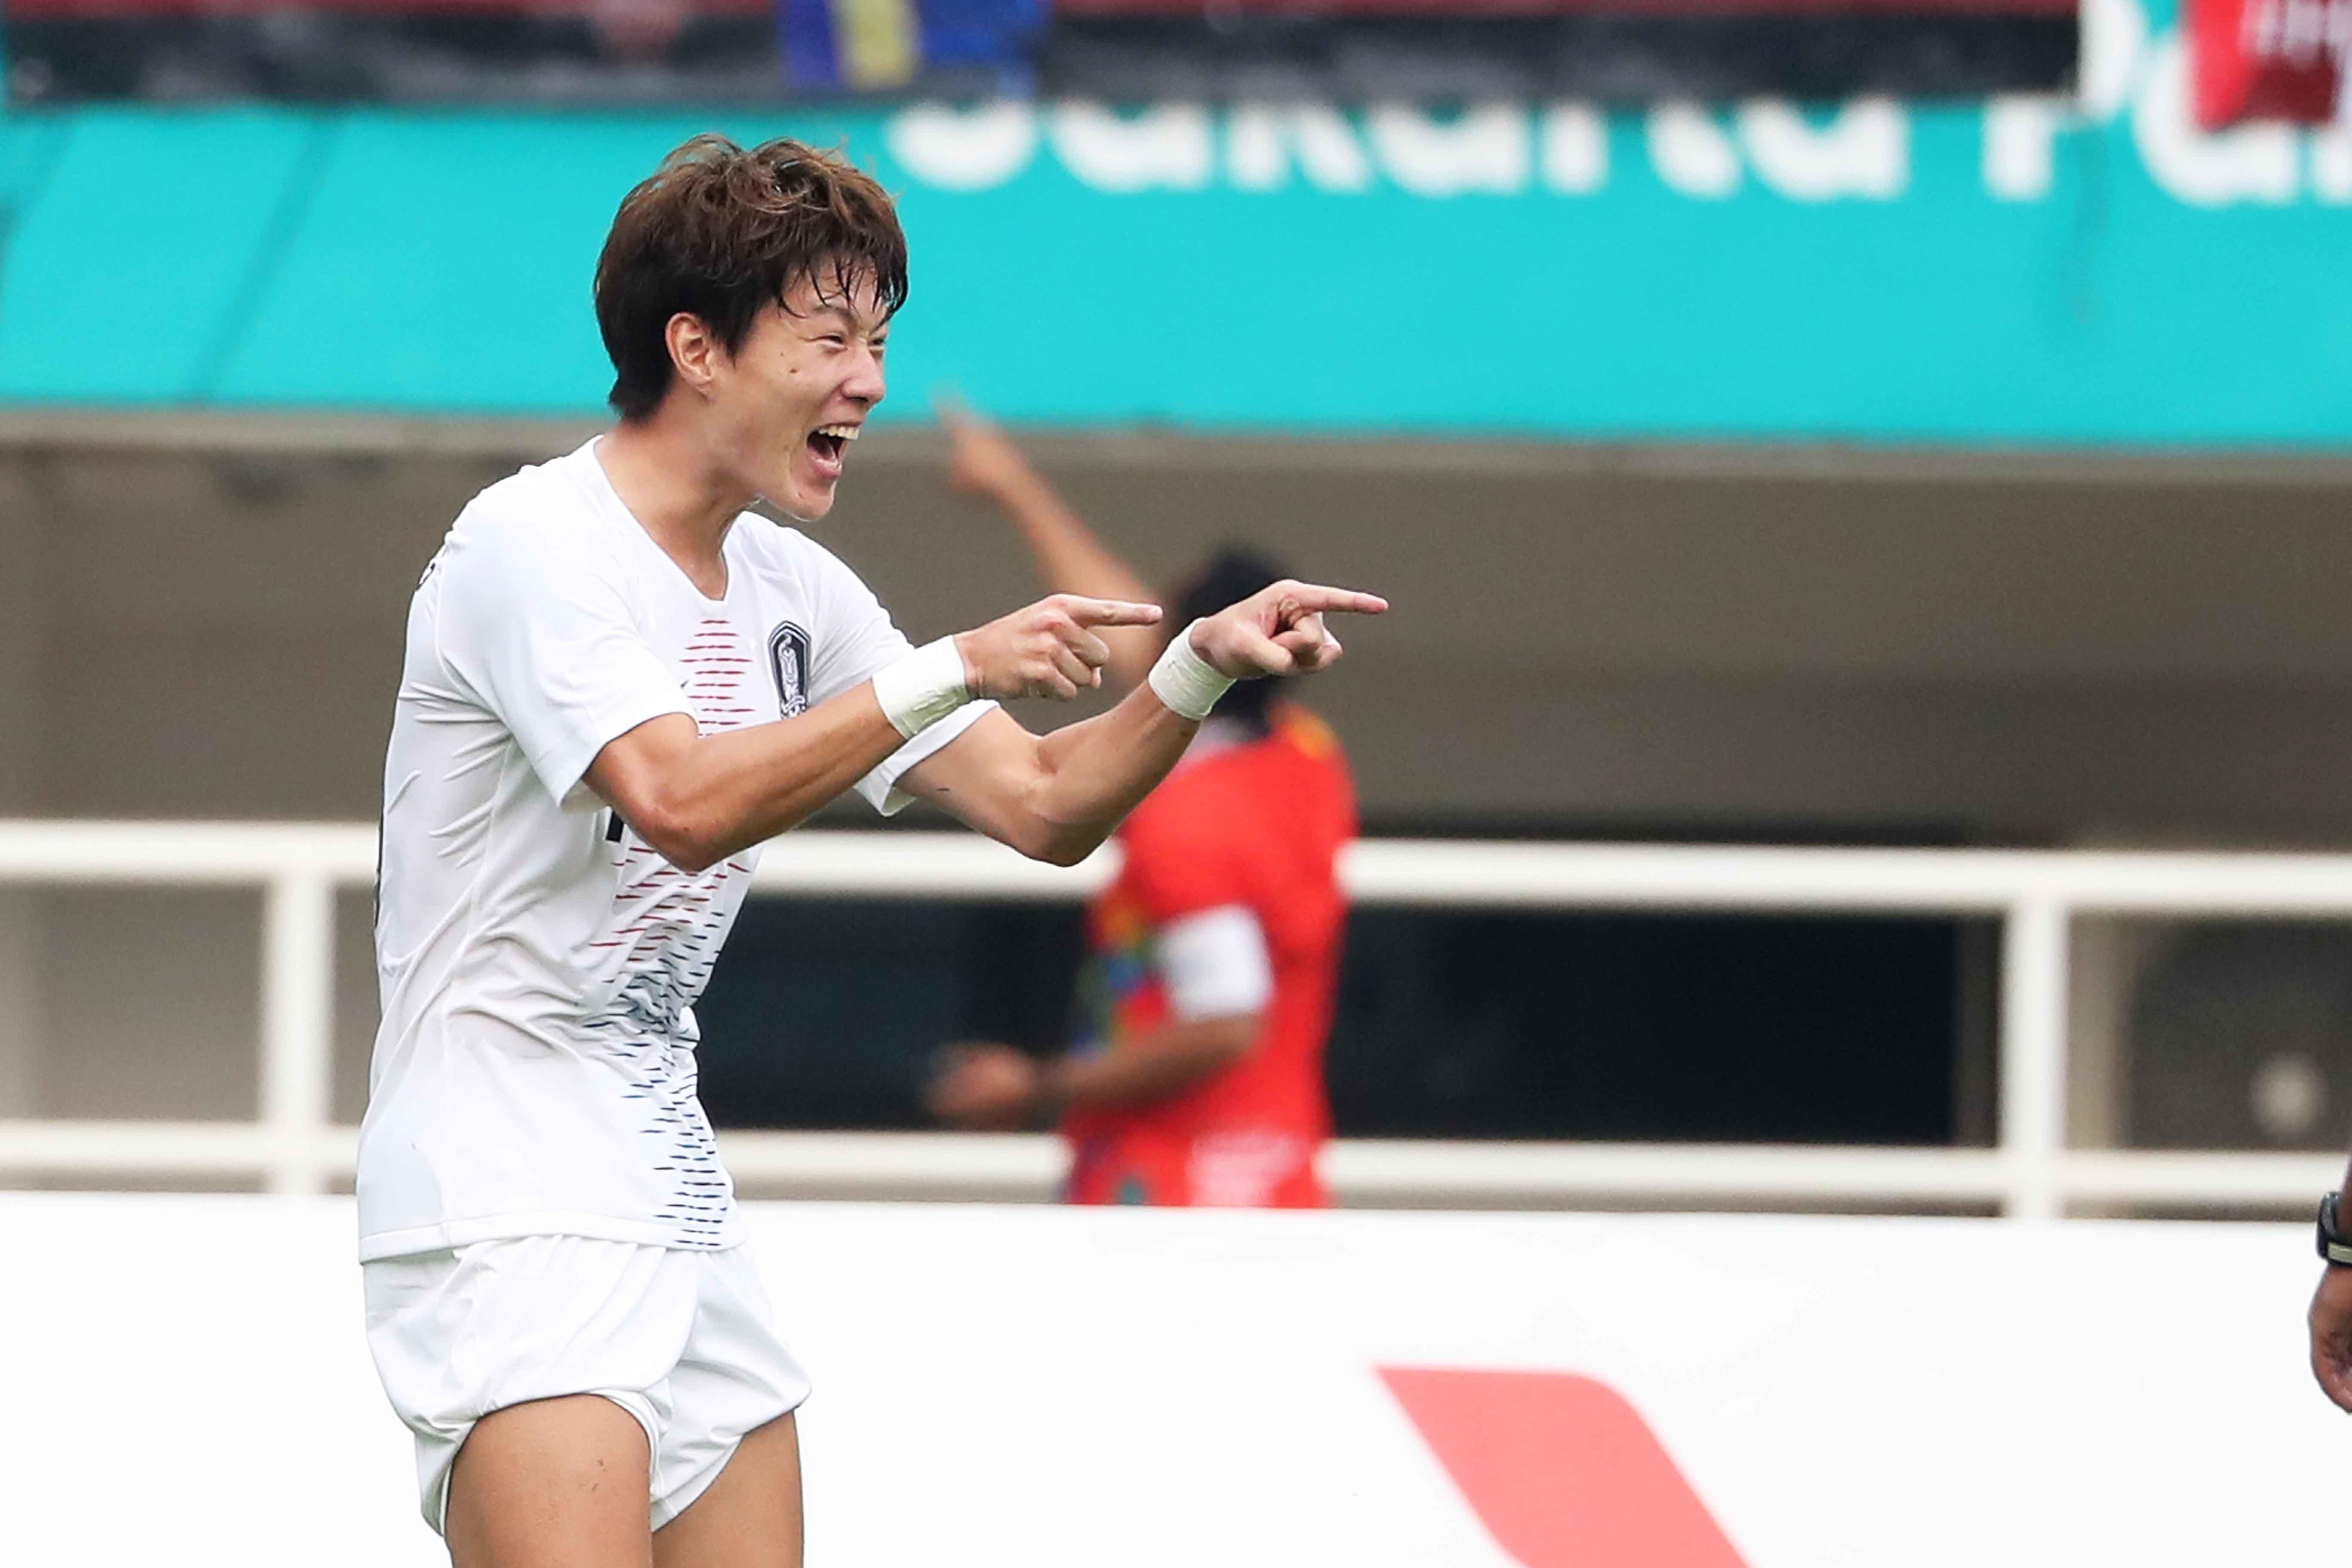 아시안게임 축구 결승, 한일전으로 간다